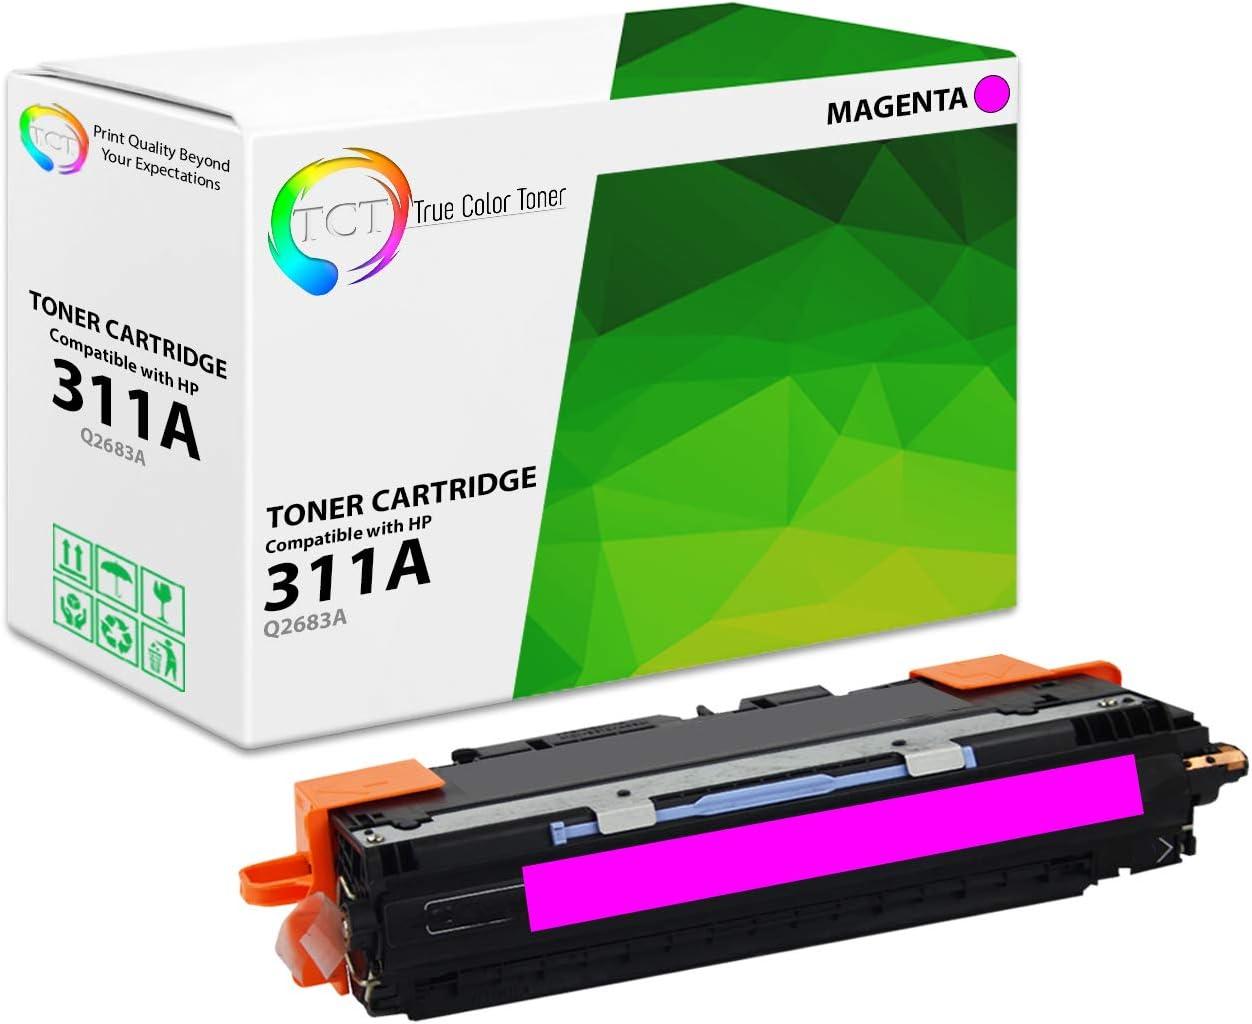 TCT Premium Compatible Toner Cartridge Replacement for HP 308A 311A Q2670A Q2681A Q2682A Q2683A Works with HP Color Laserjet 3700 3700DN 3700DTN 3700N Printers Black, Cyan, Magenta, Yellow 8 Pack